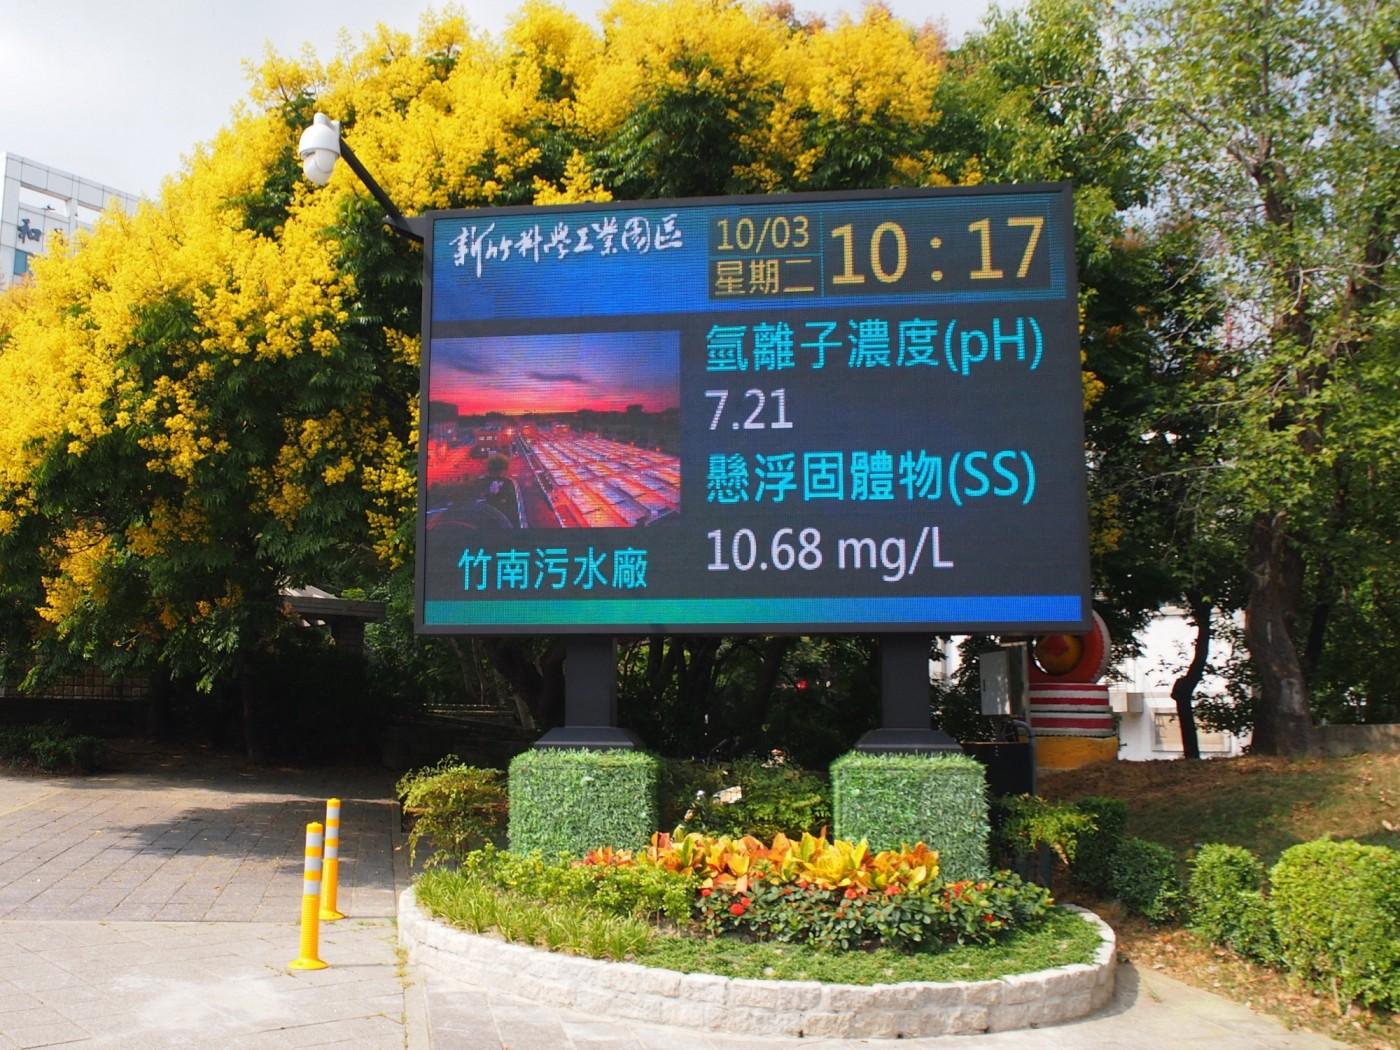 科技部啟動「運用ICT技術發展智慧園區計畫」 三大科學園區智慧啟航 引領台灣成為 全球智慧應用基地